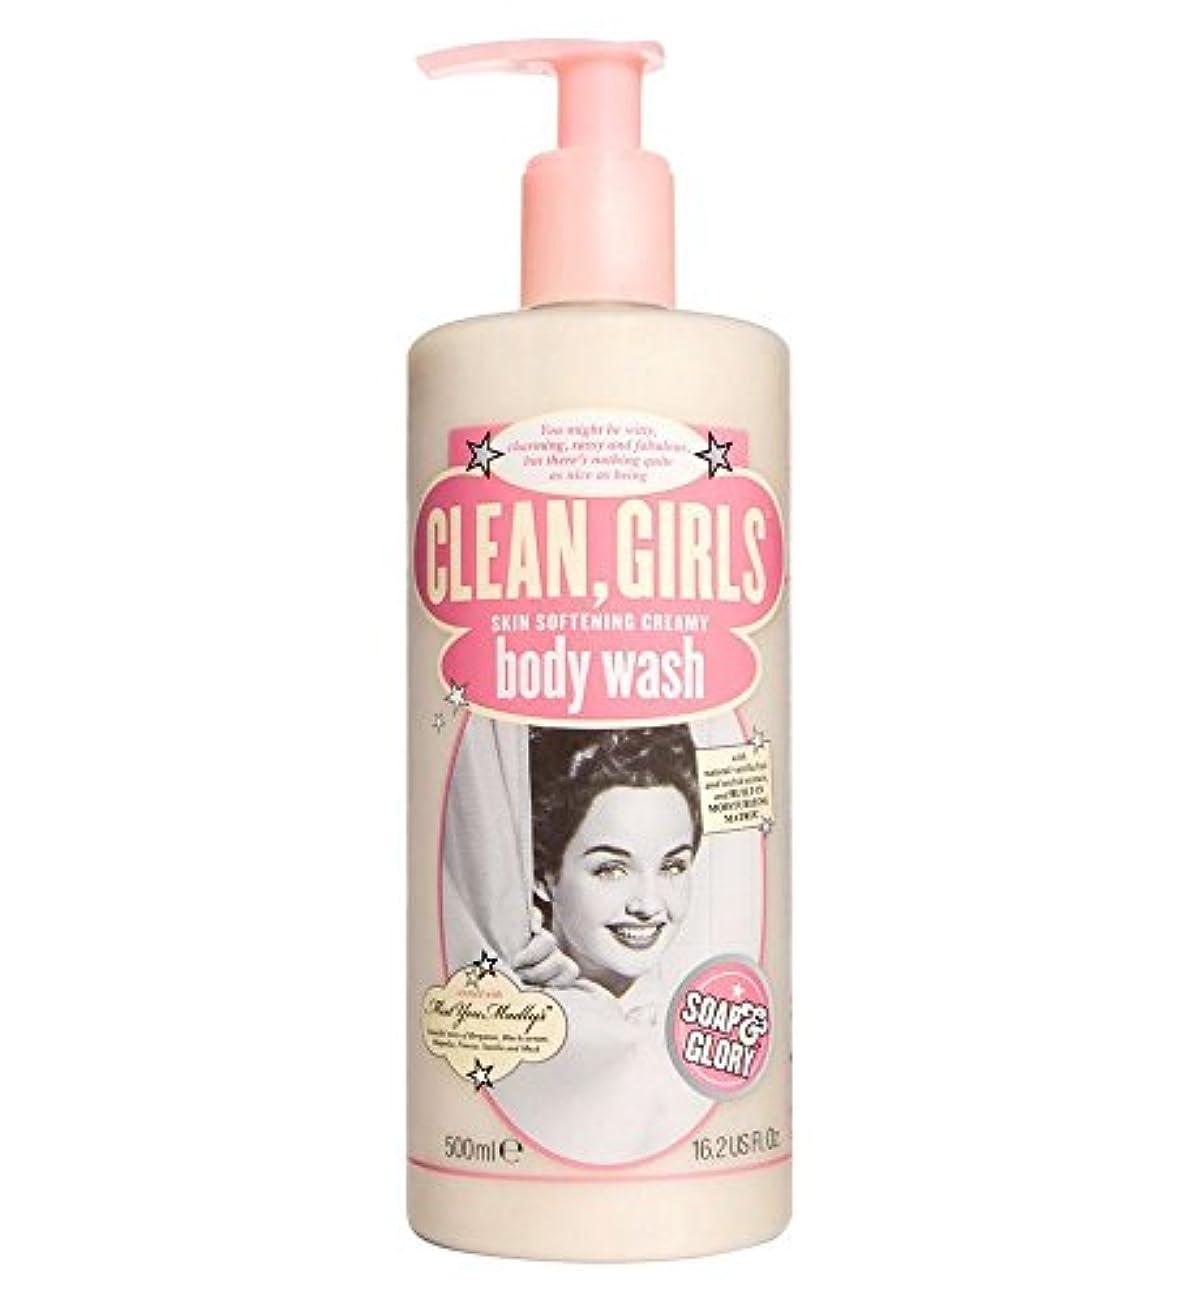 アナウンサーメアリアンジョーンズ器官Soap & Glory Clean Girls Body Wash 500ml by Soap & Glory [並行輸入品]